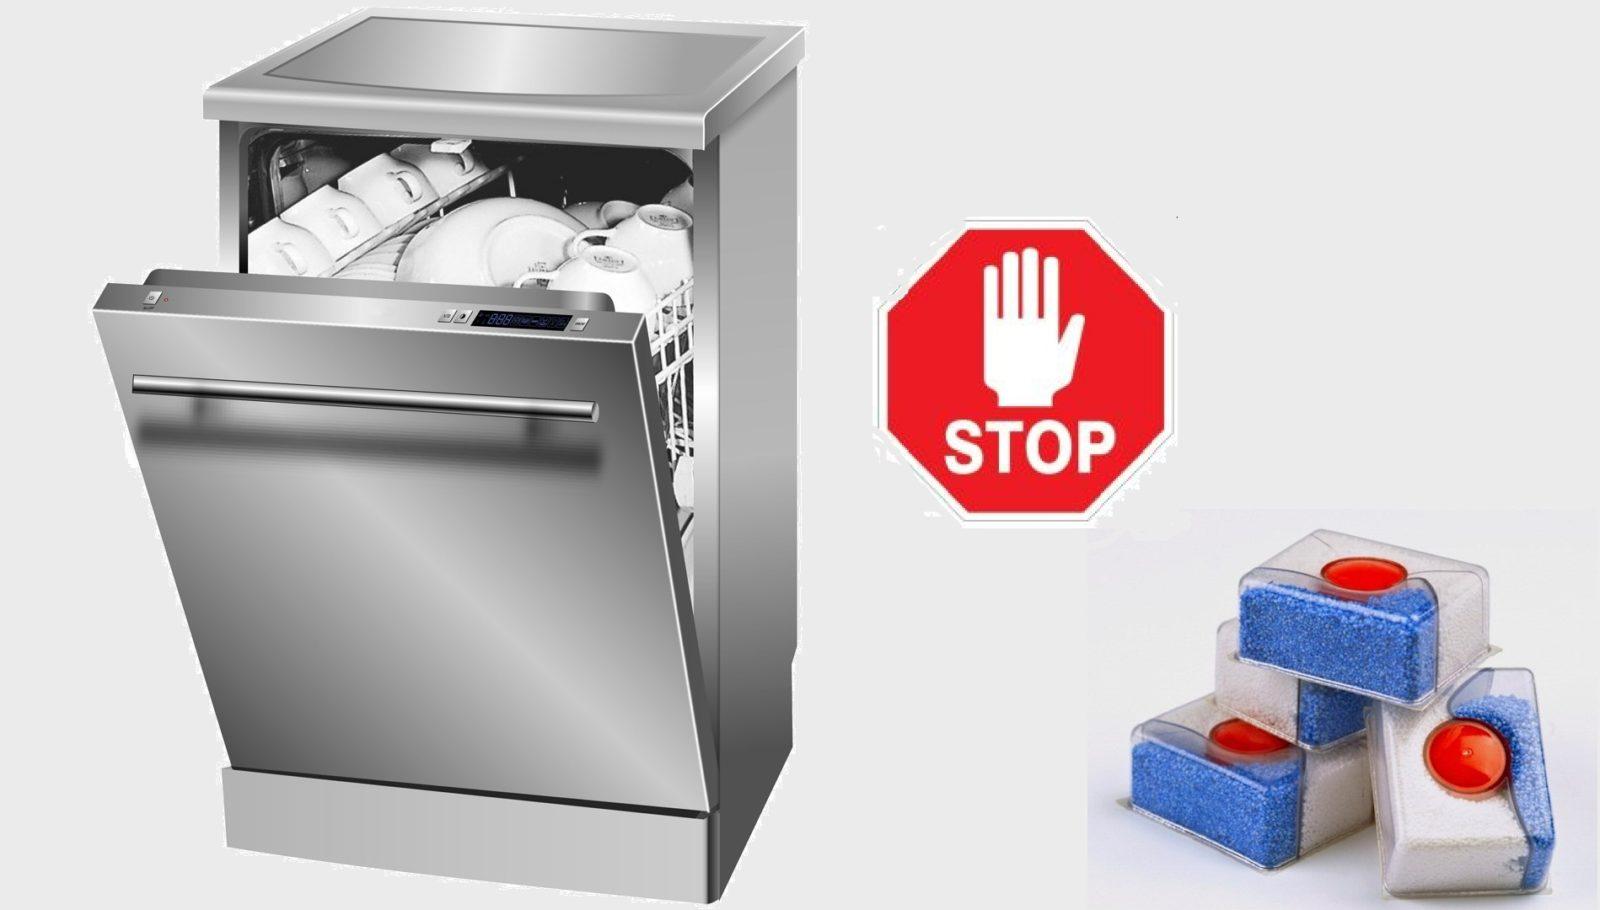 Tablet tidak dibubarkan dalam mesin basuh pinggan mangkuk - apa yang perlu saya lakukan?